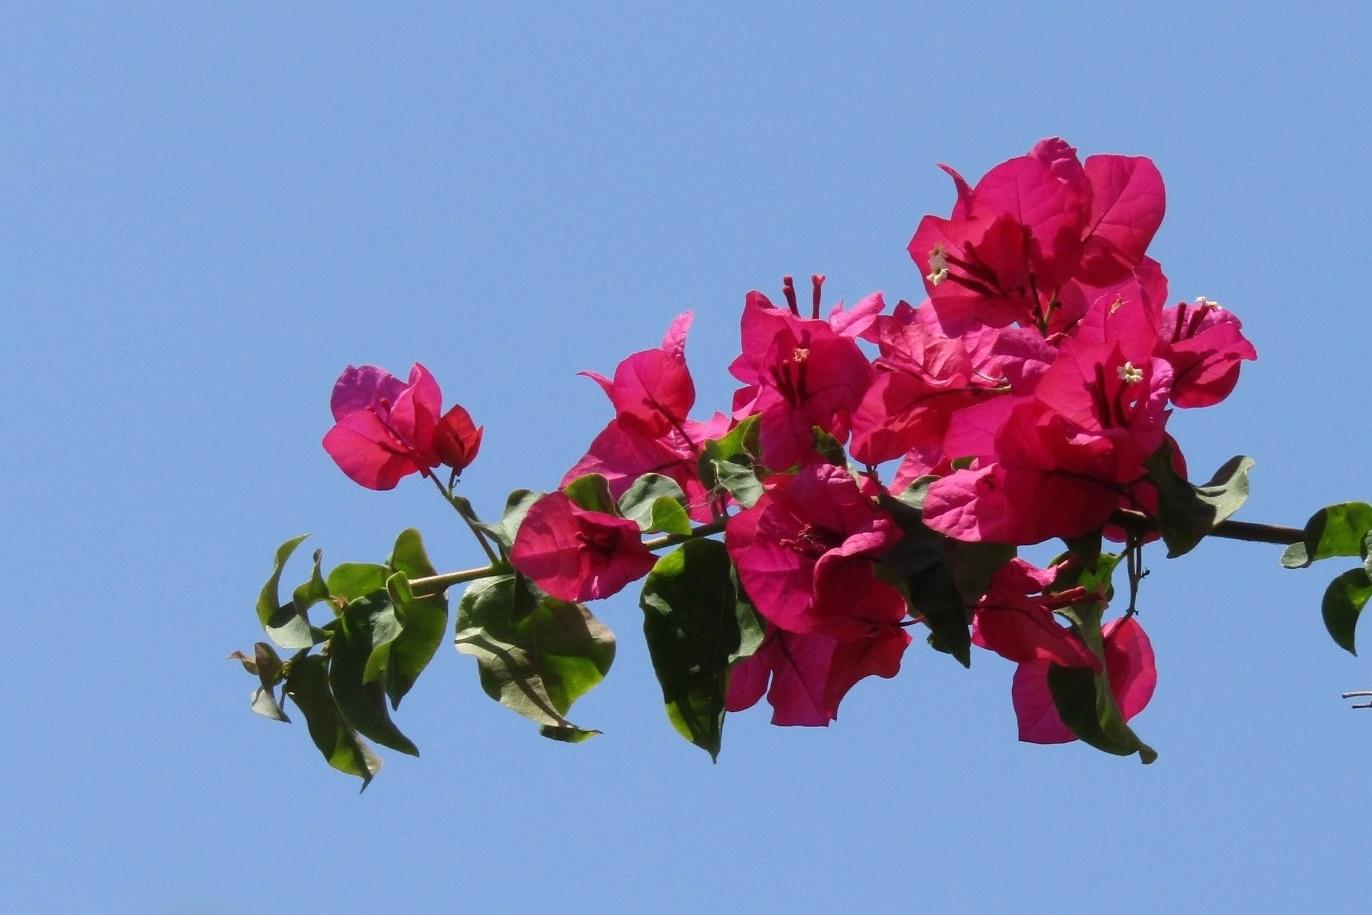 真夏のピンク…… 。_b0287748_3541998.jpg